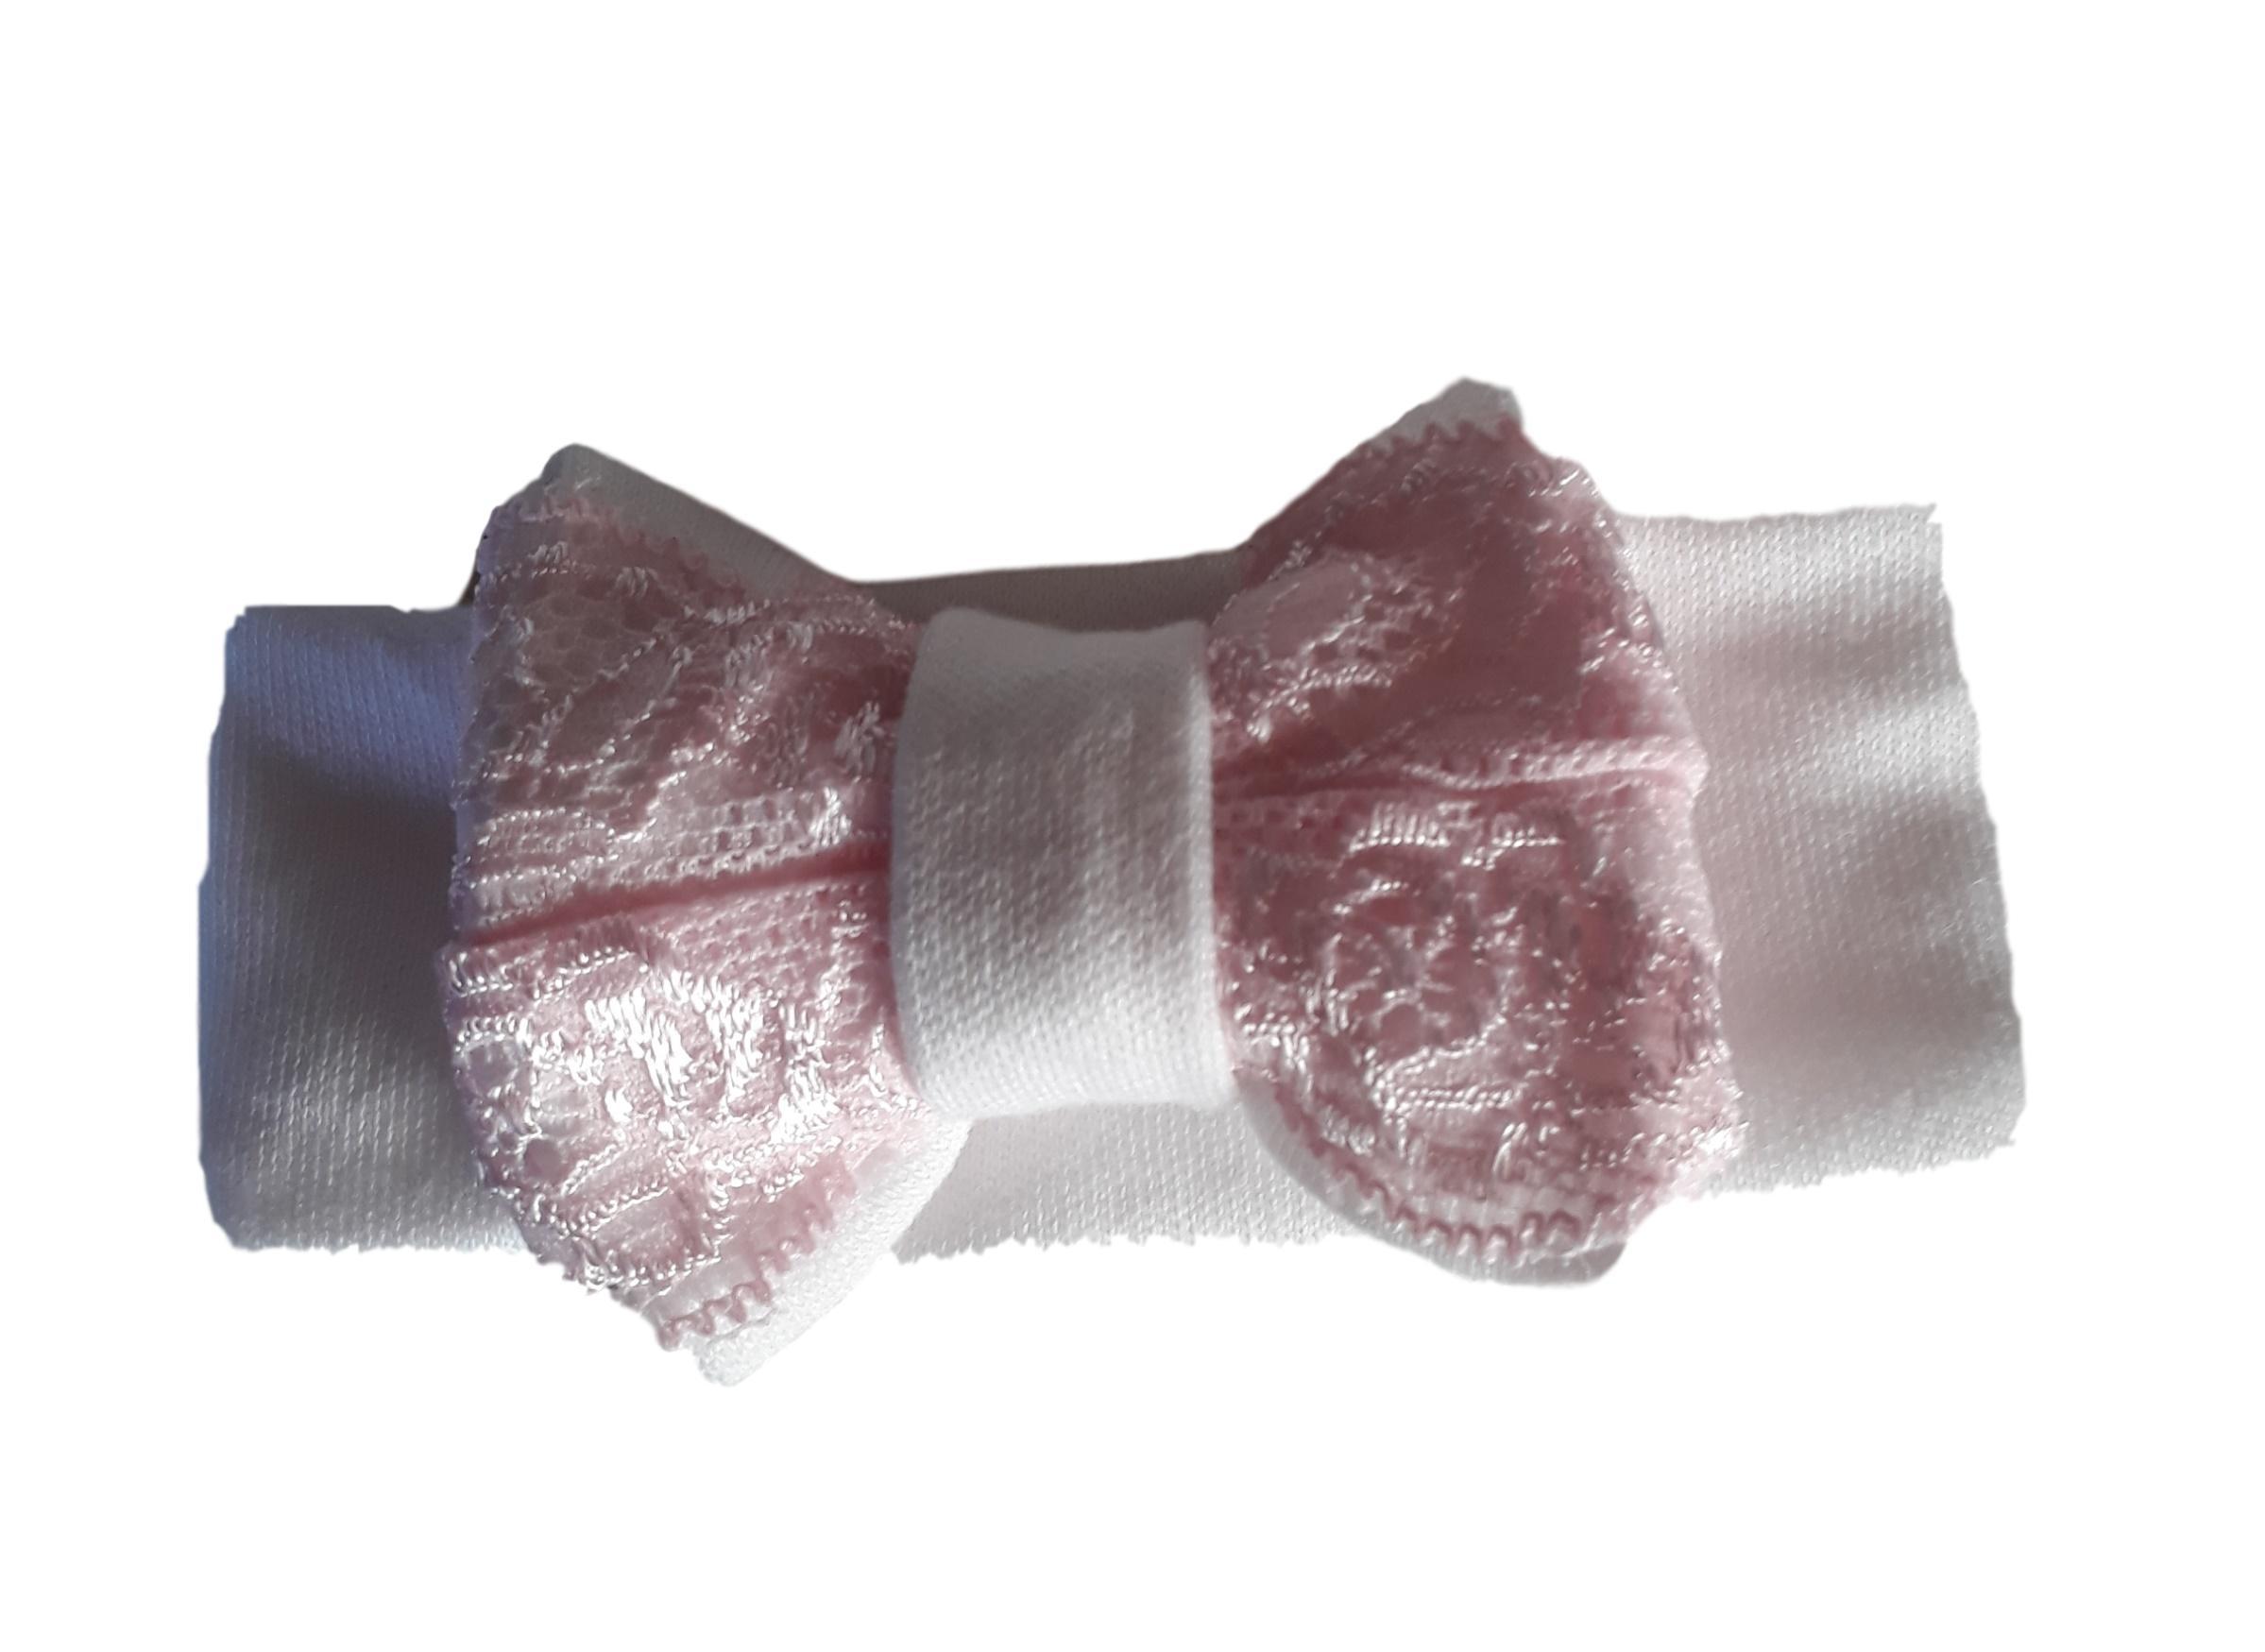 babys headbands premature babies clothes  PINK LACE 1-2lb